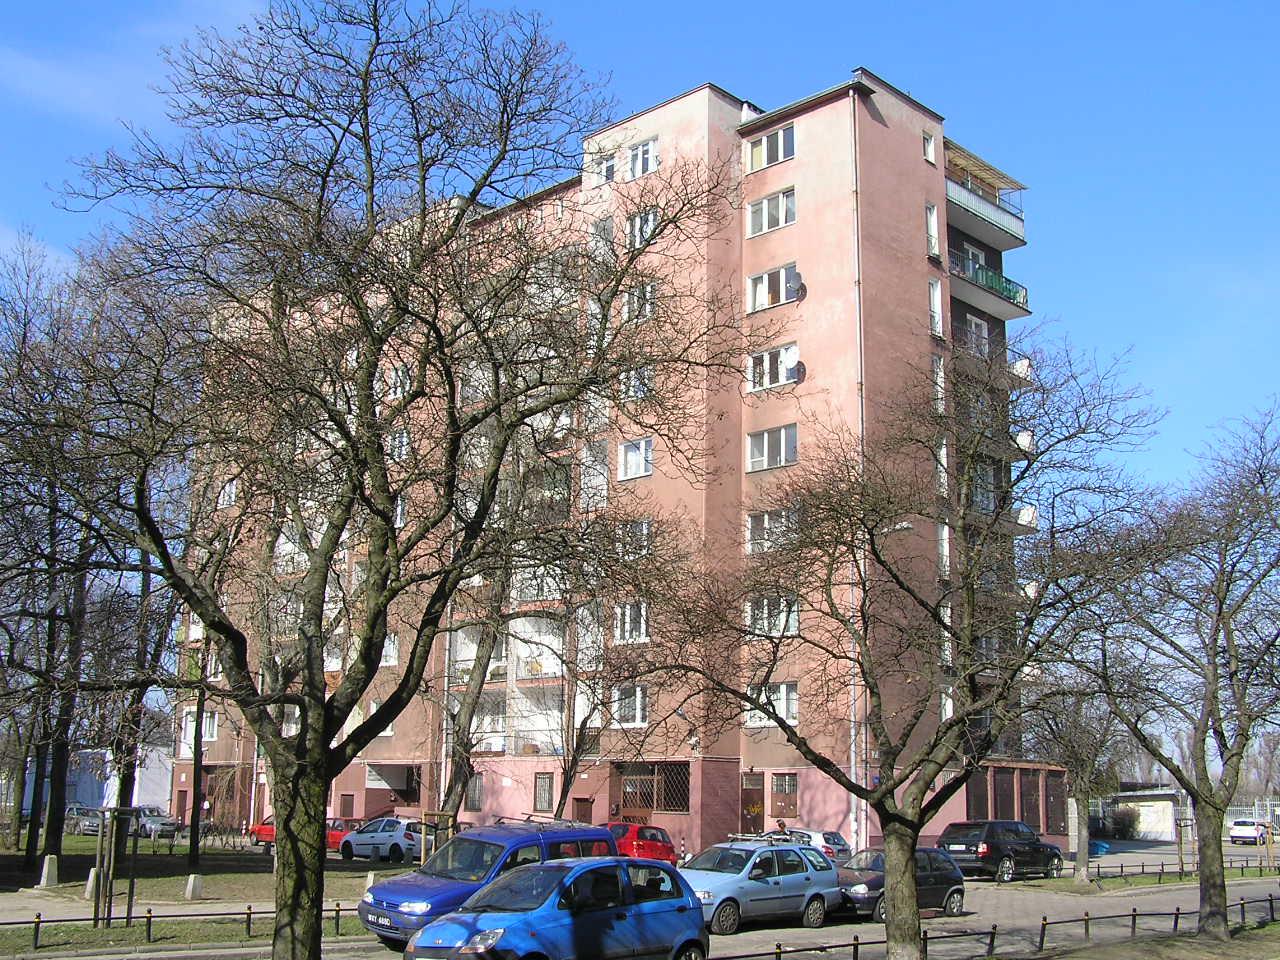 Budynek przy ulicy Siennickiej 23 na Grochowie